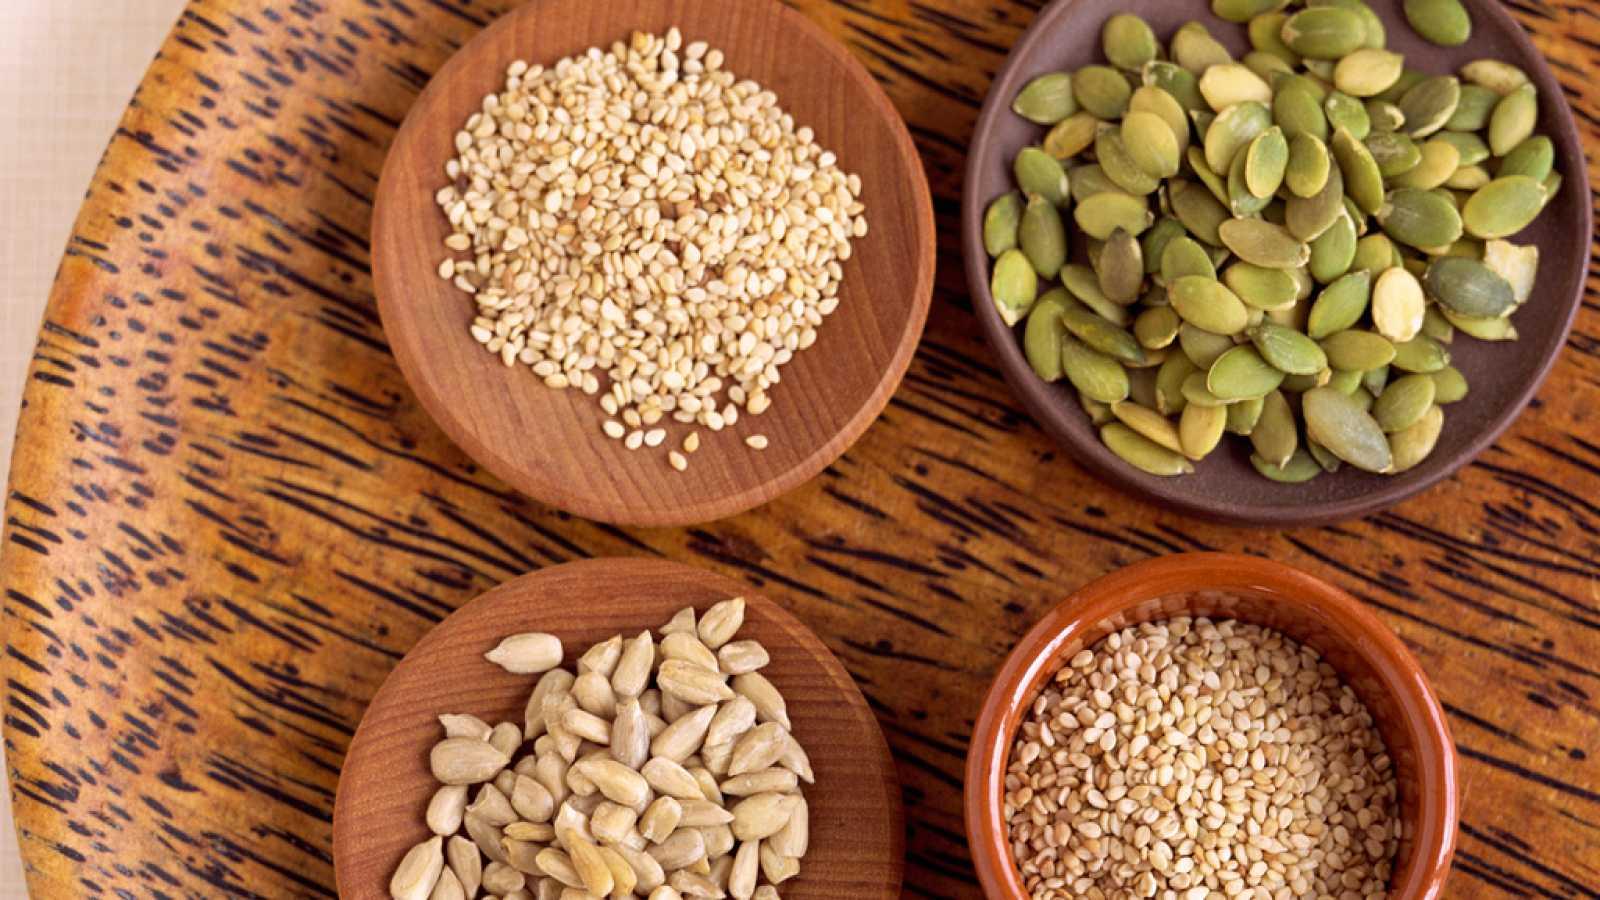 Esto me suena. Las tardes del Ciudadano García - Aitor Sánchez habla sobre el uso de semillas en la alimentación